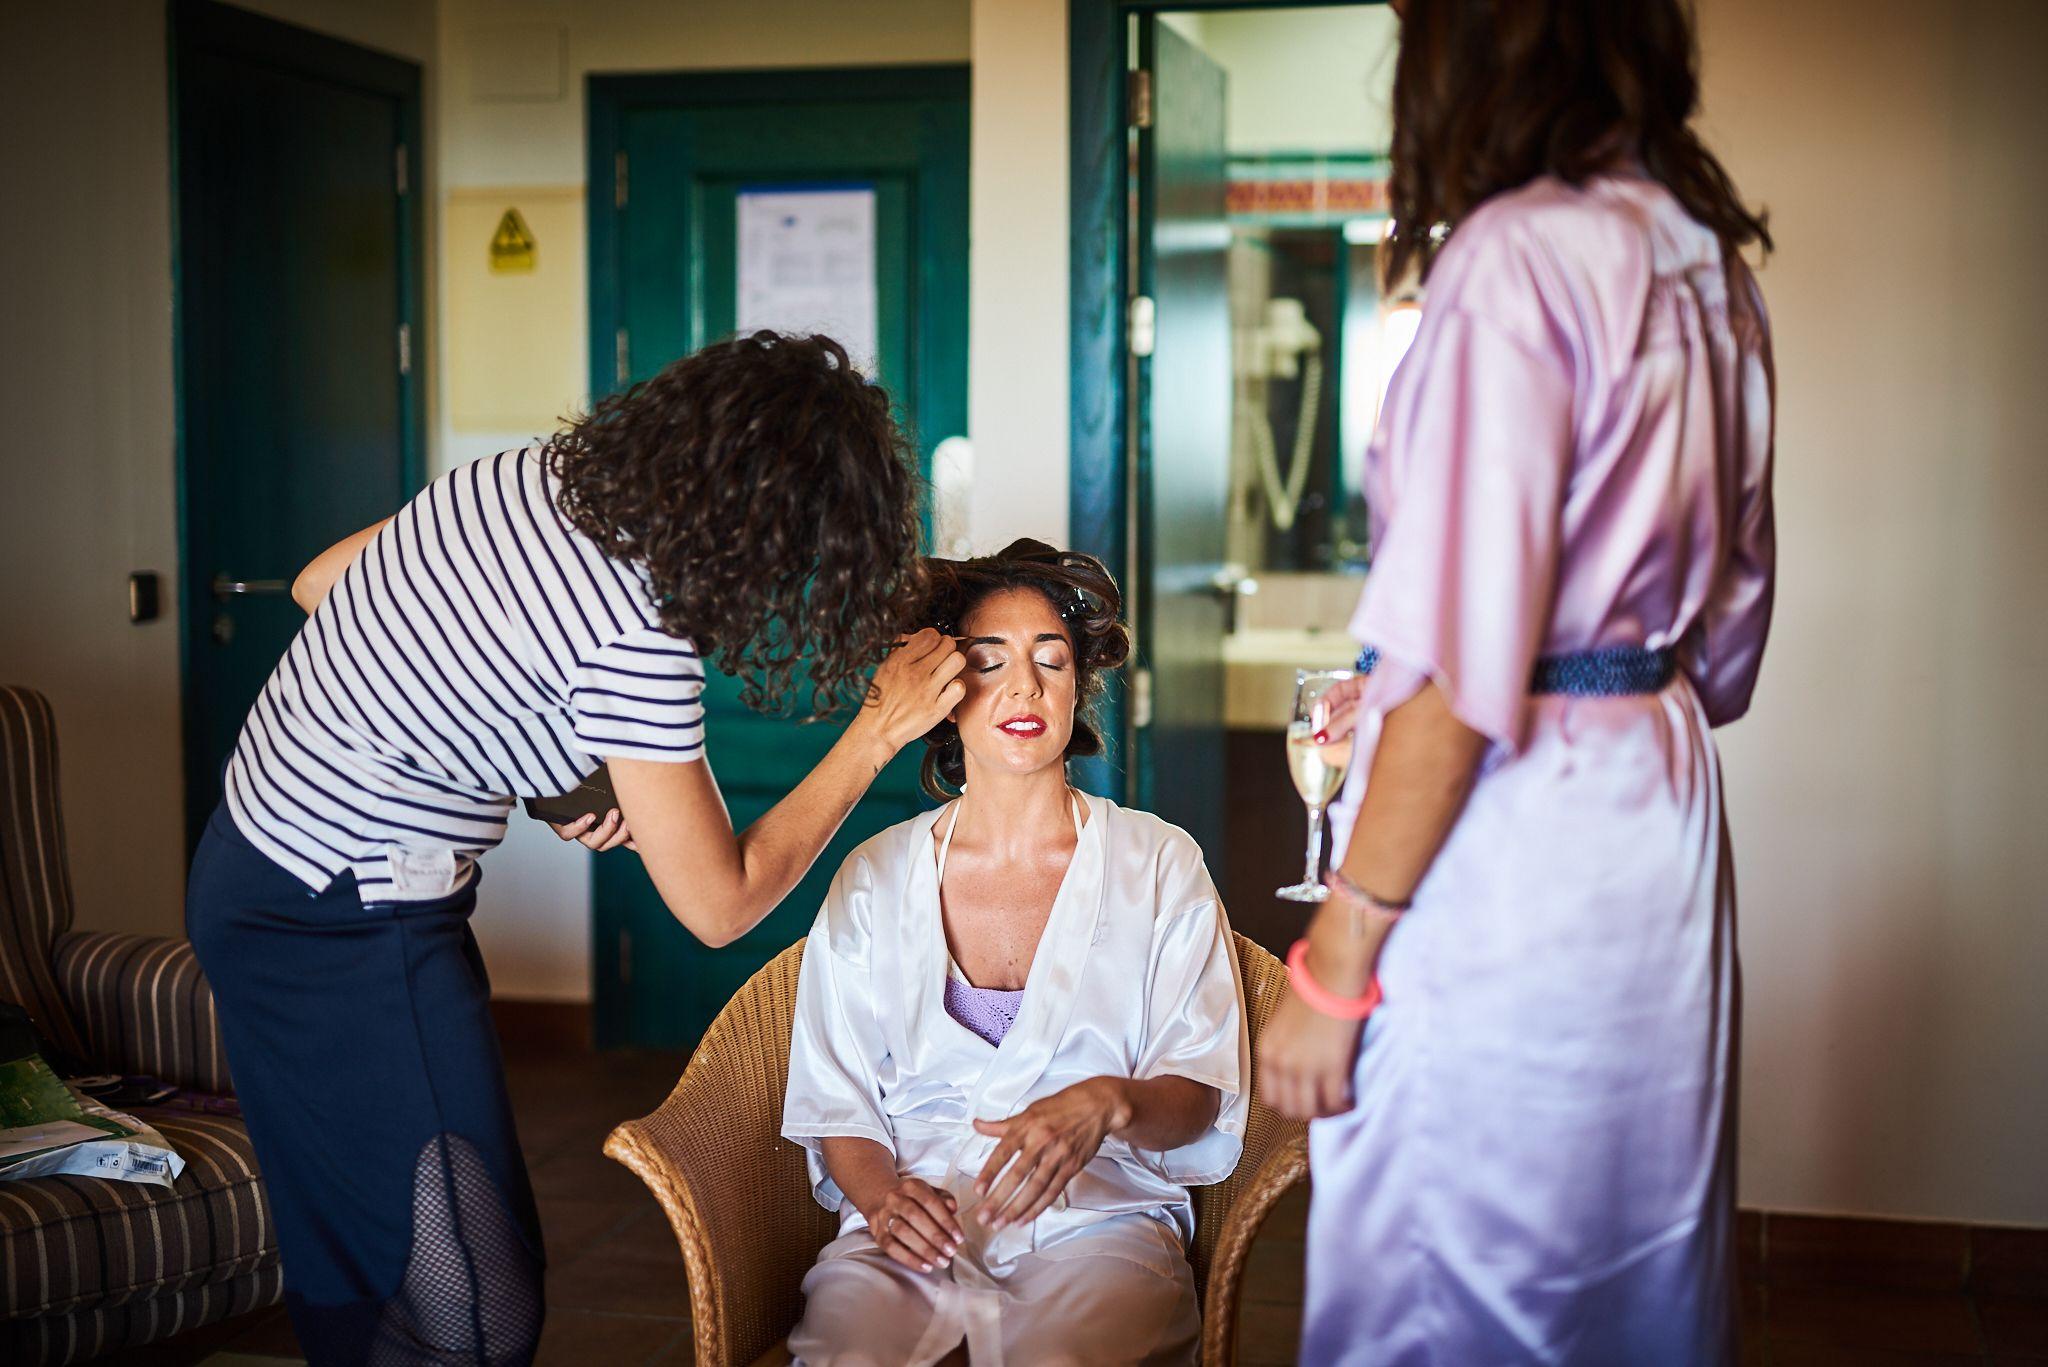 La-22Destination-Wedding22-en-Moguer-de-Lauren-y-JosC3A9-Antonio-JoseAntonio-alejandromarmol0002.jpg